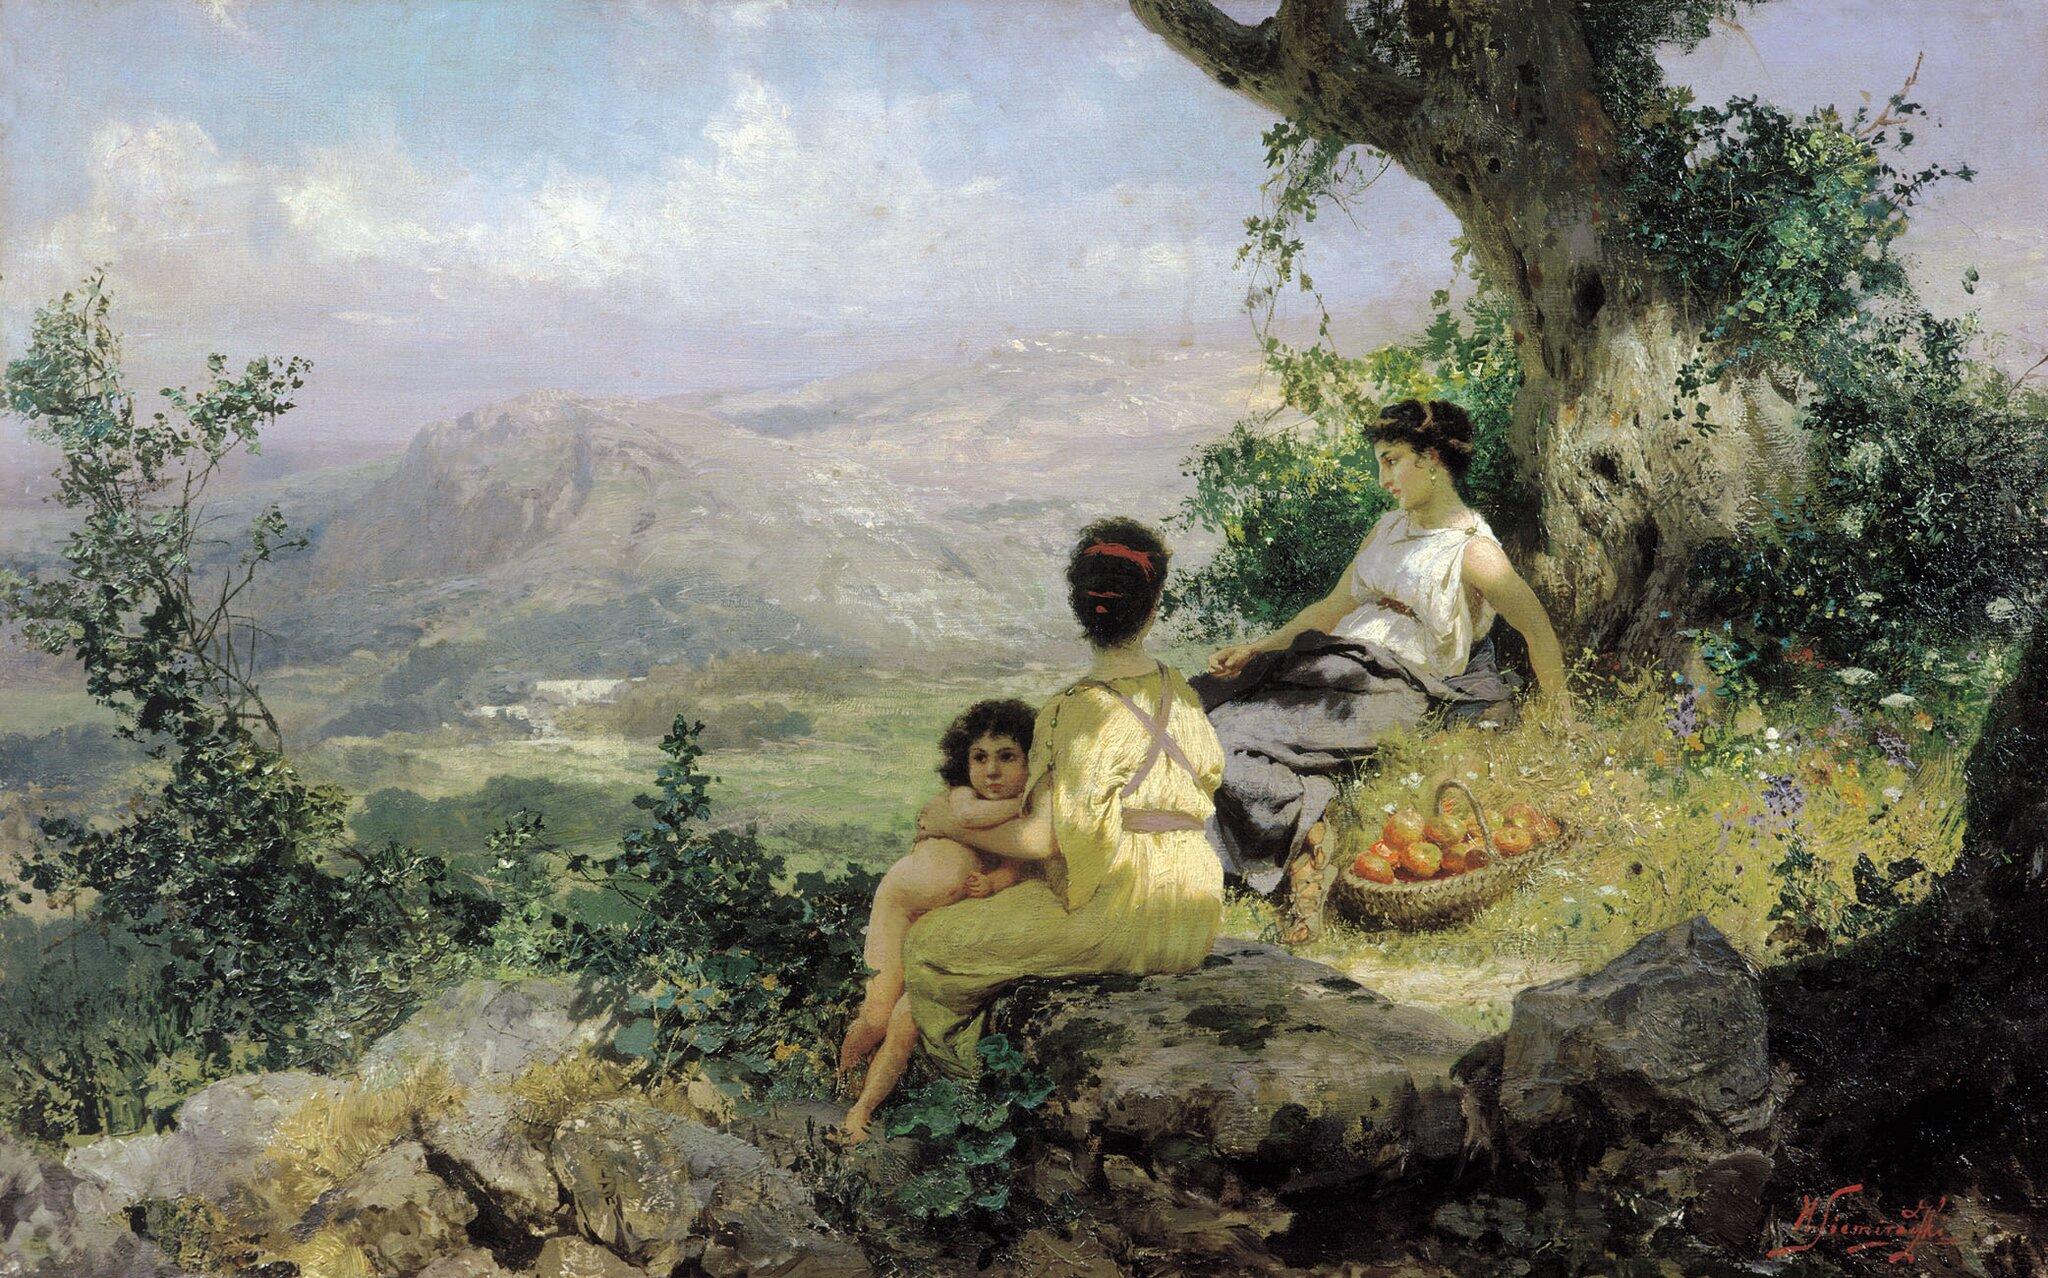 Sielanka Źródło: Henryk Siemiradzki, Sielanka, 1890, olej na płótnie, Narodowa Galeria Sztuki we Lwowie, domena publiczna.